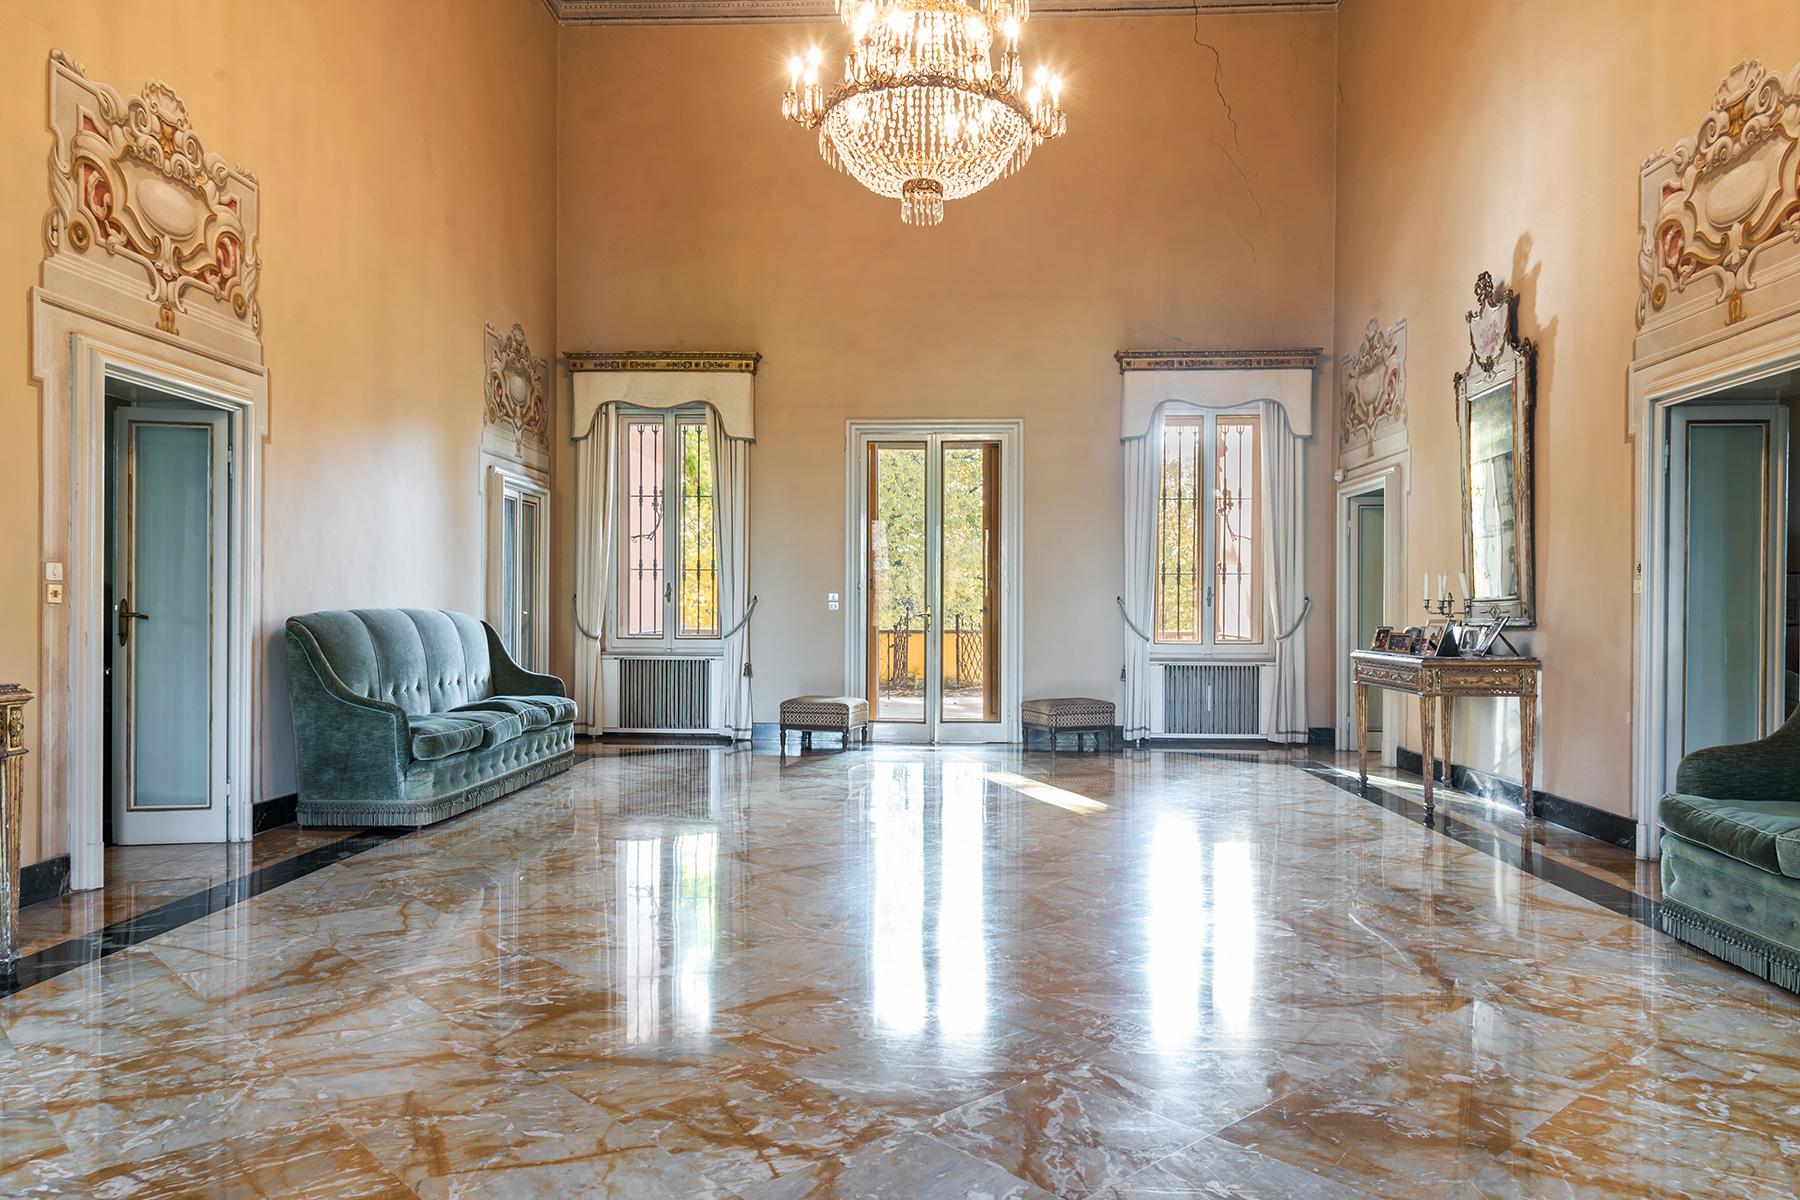 Villa in Vendita a Parma via don giovanni caminati